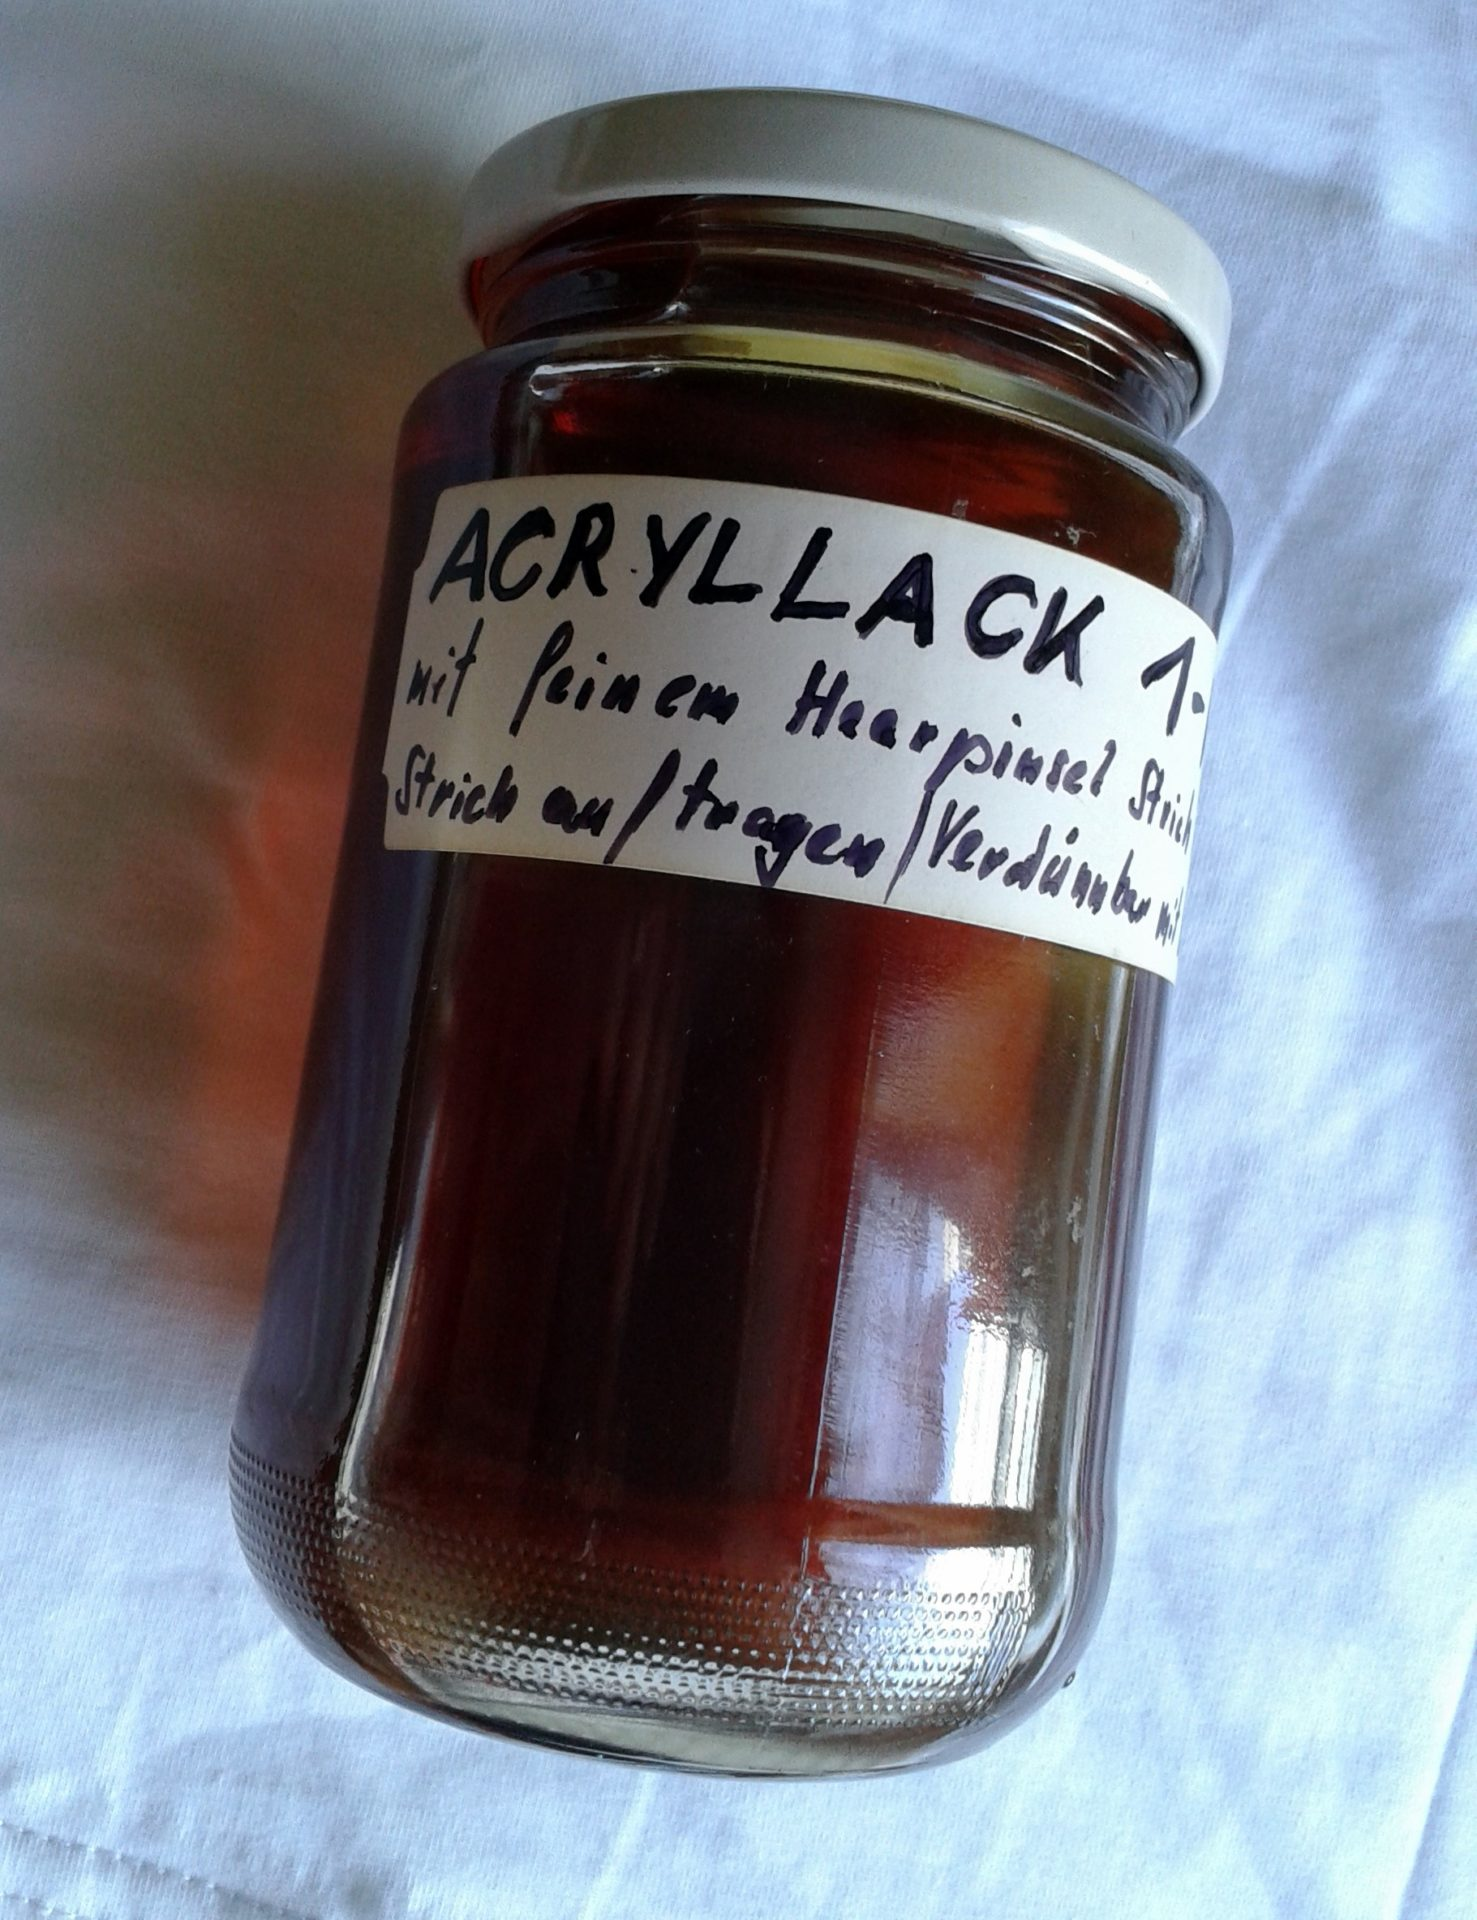 acryllack schellack